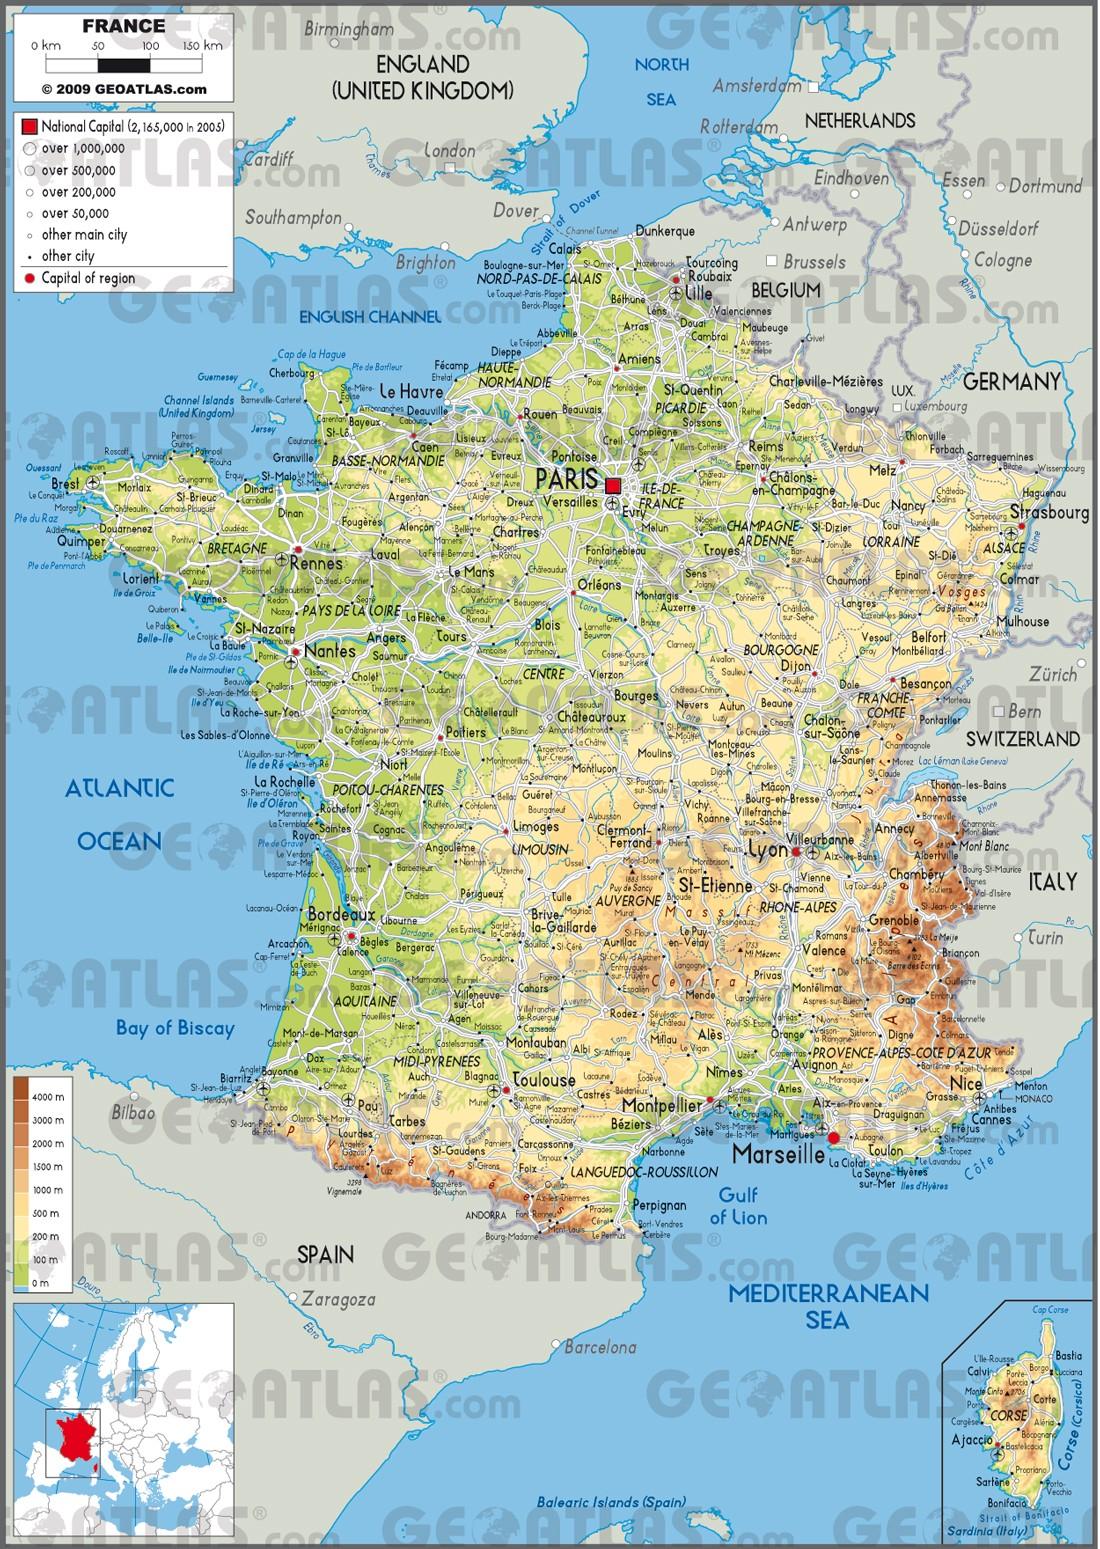 France en images (2)